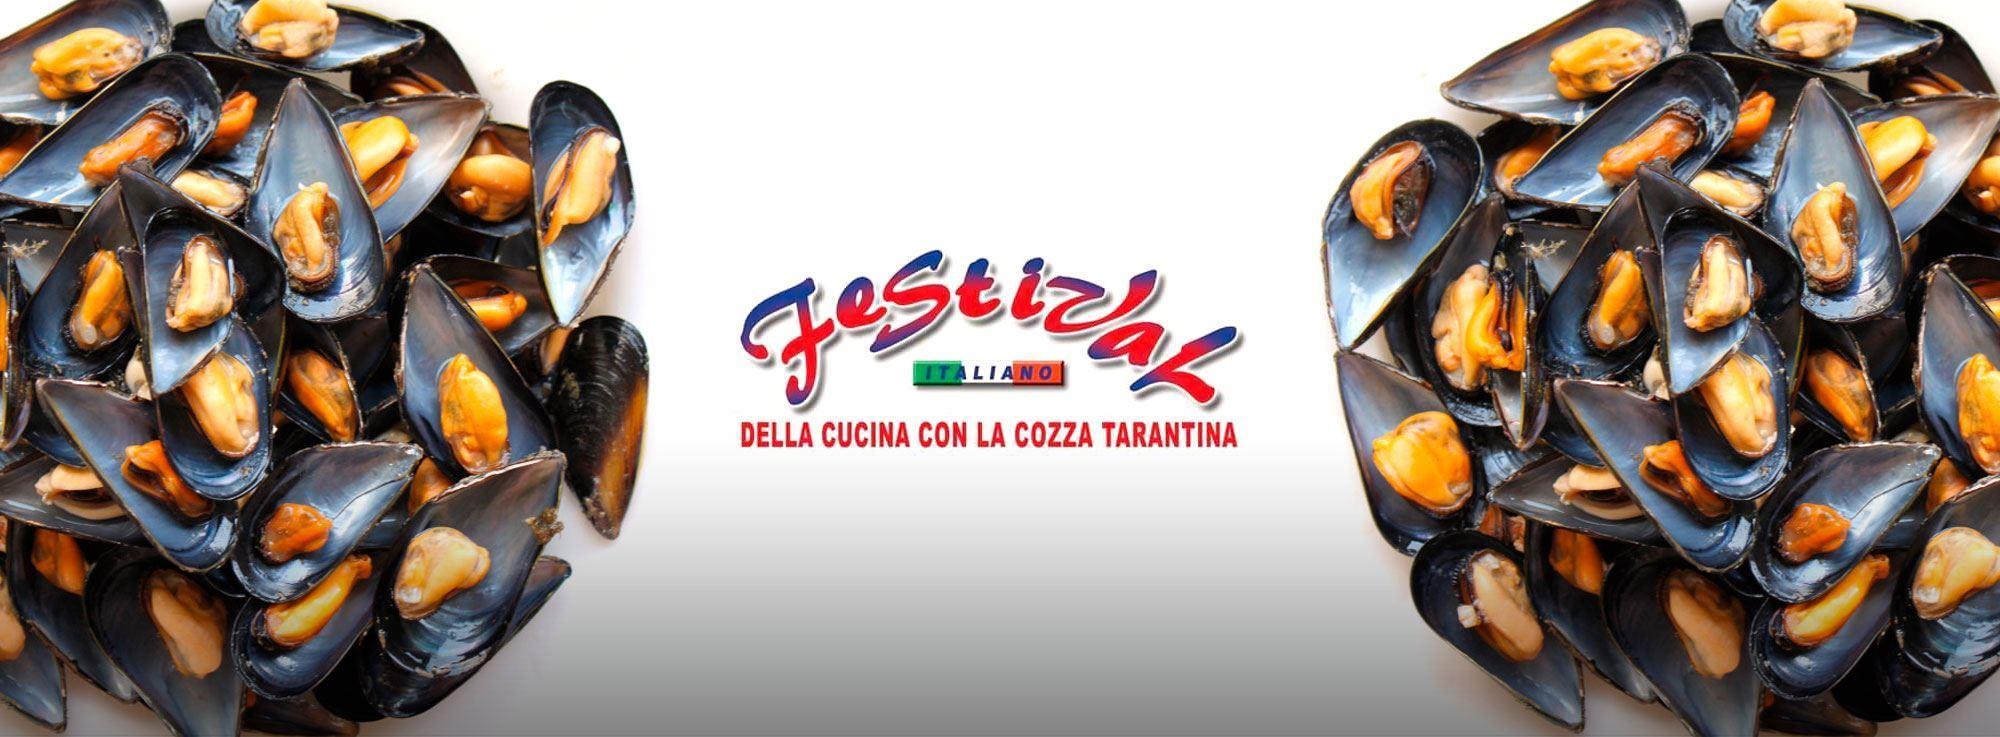 Lucera: Festival della Cucina con la cozza tarantina